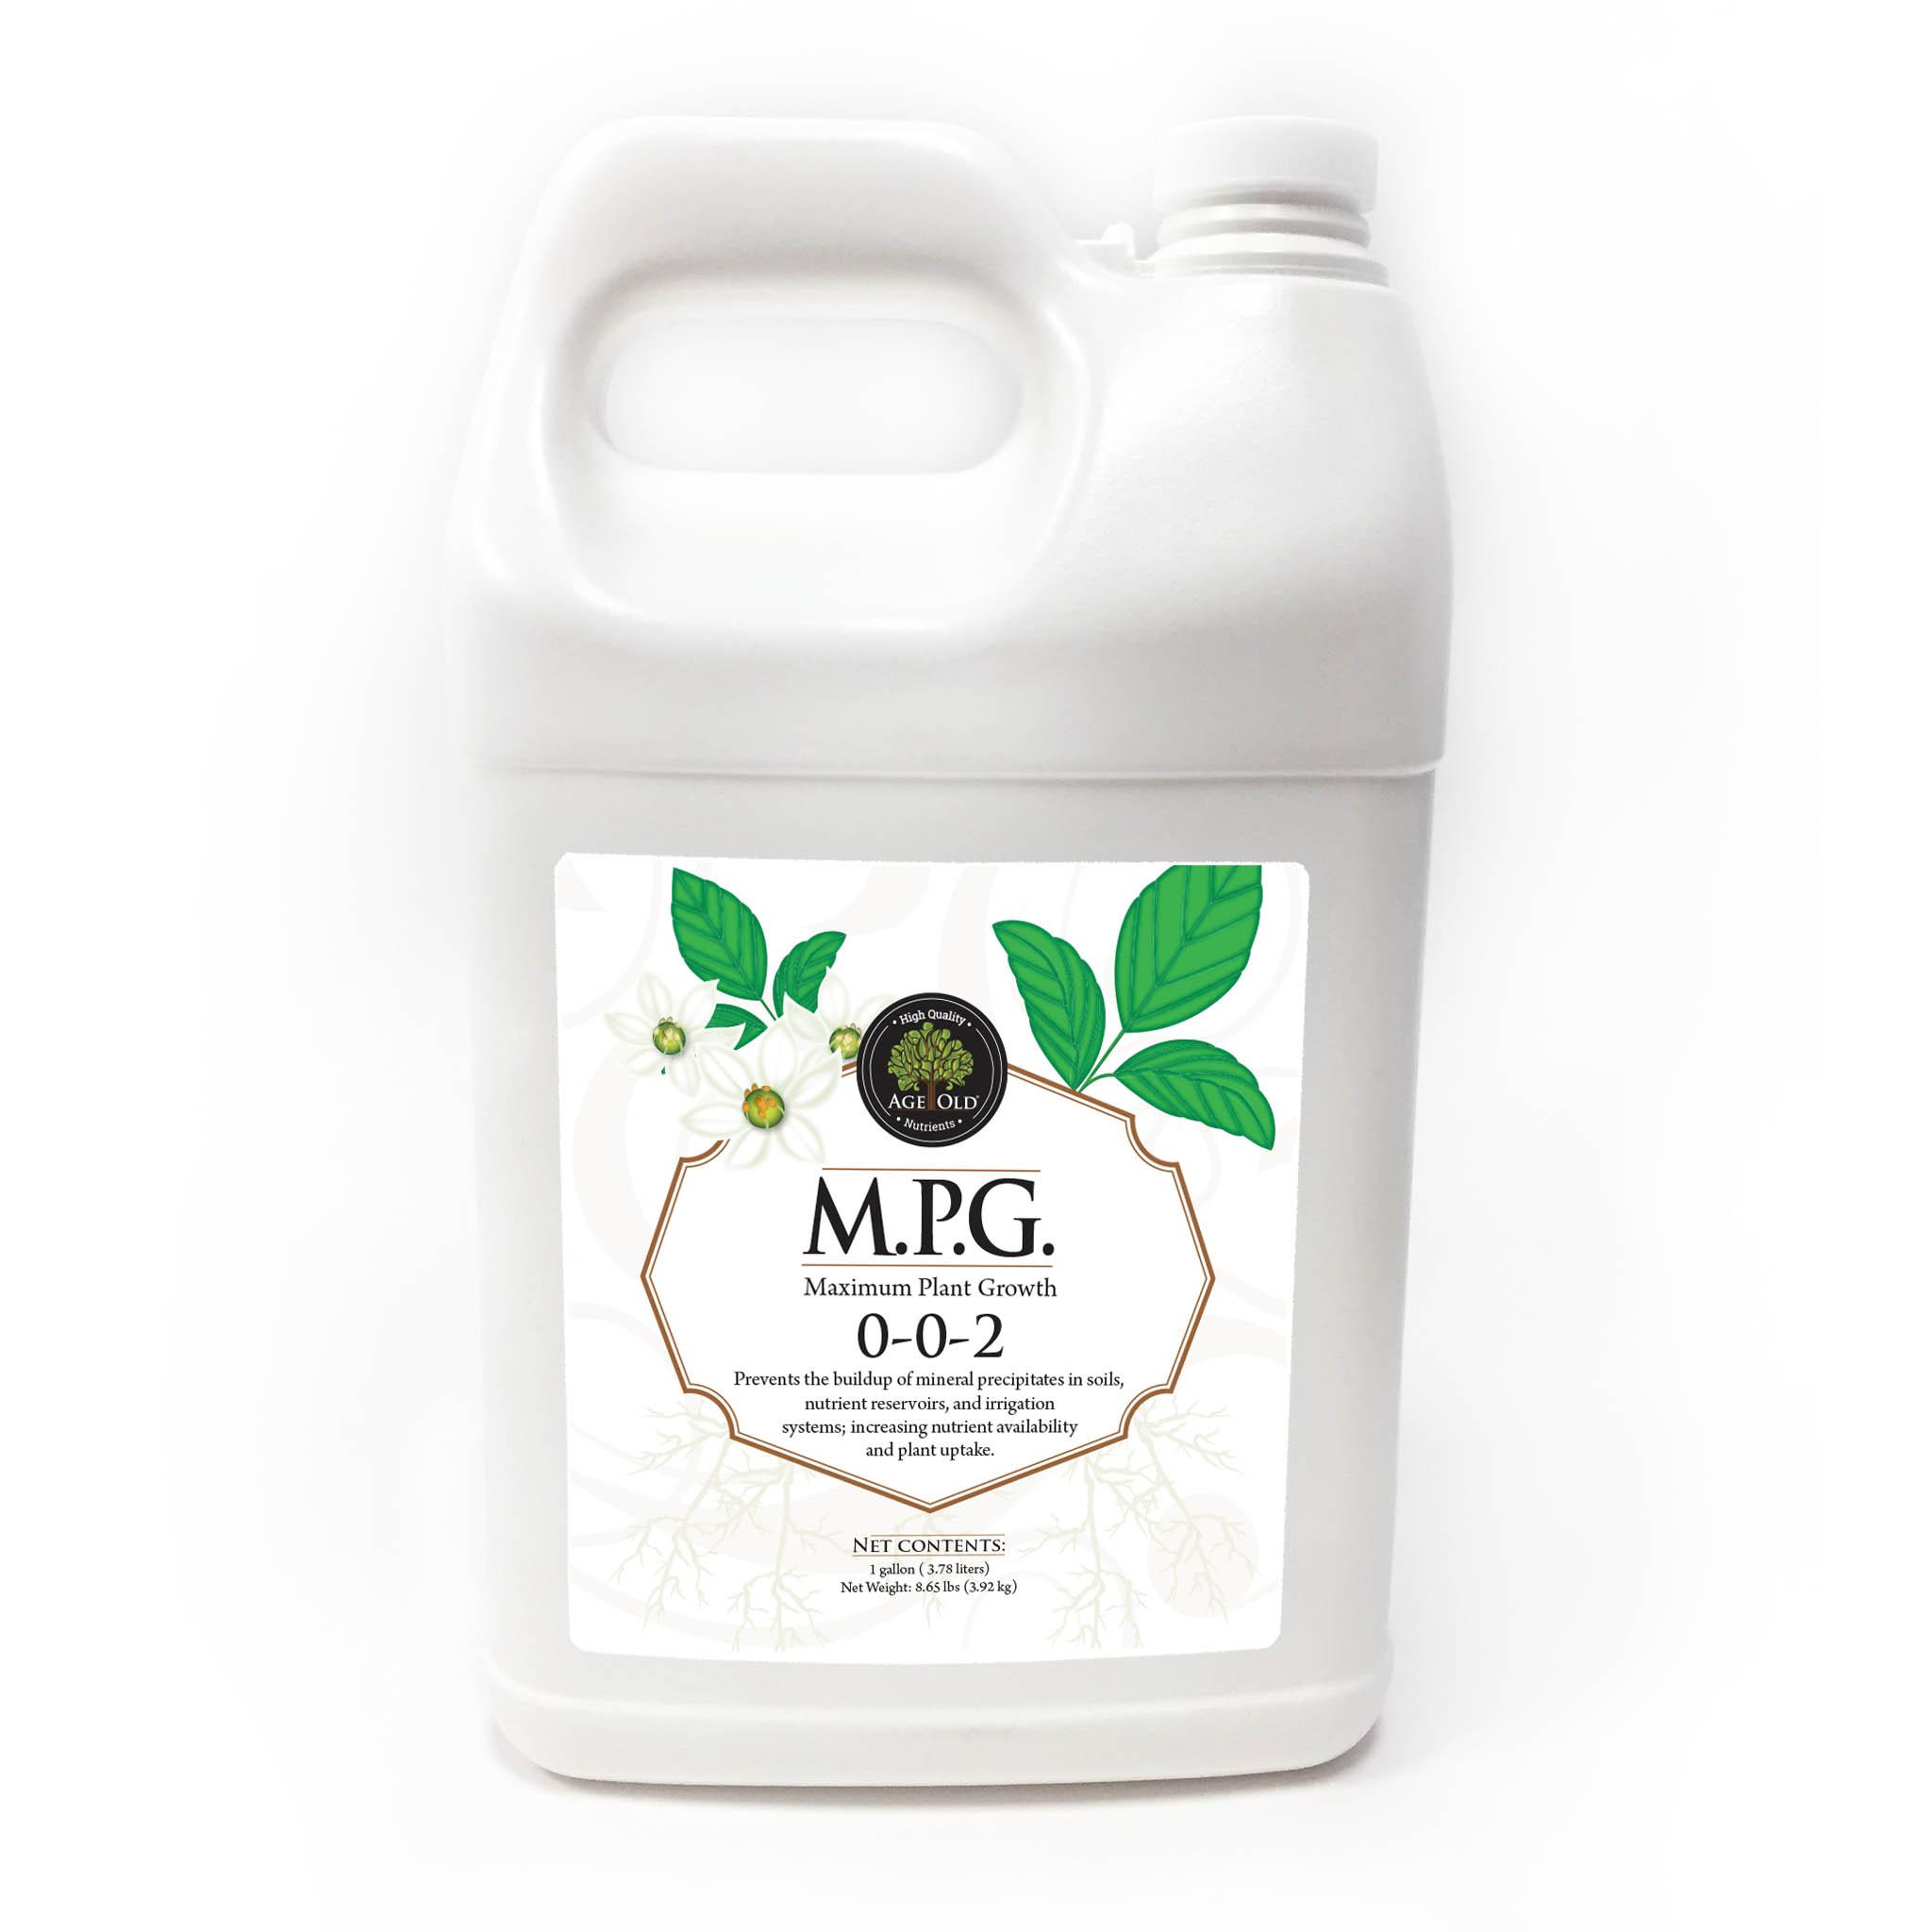 bottle of M.P.G